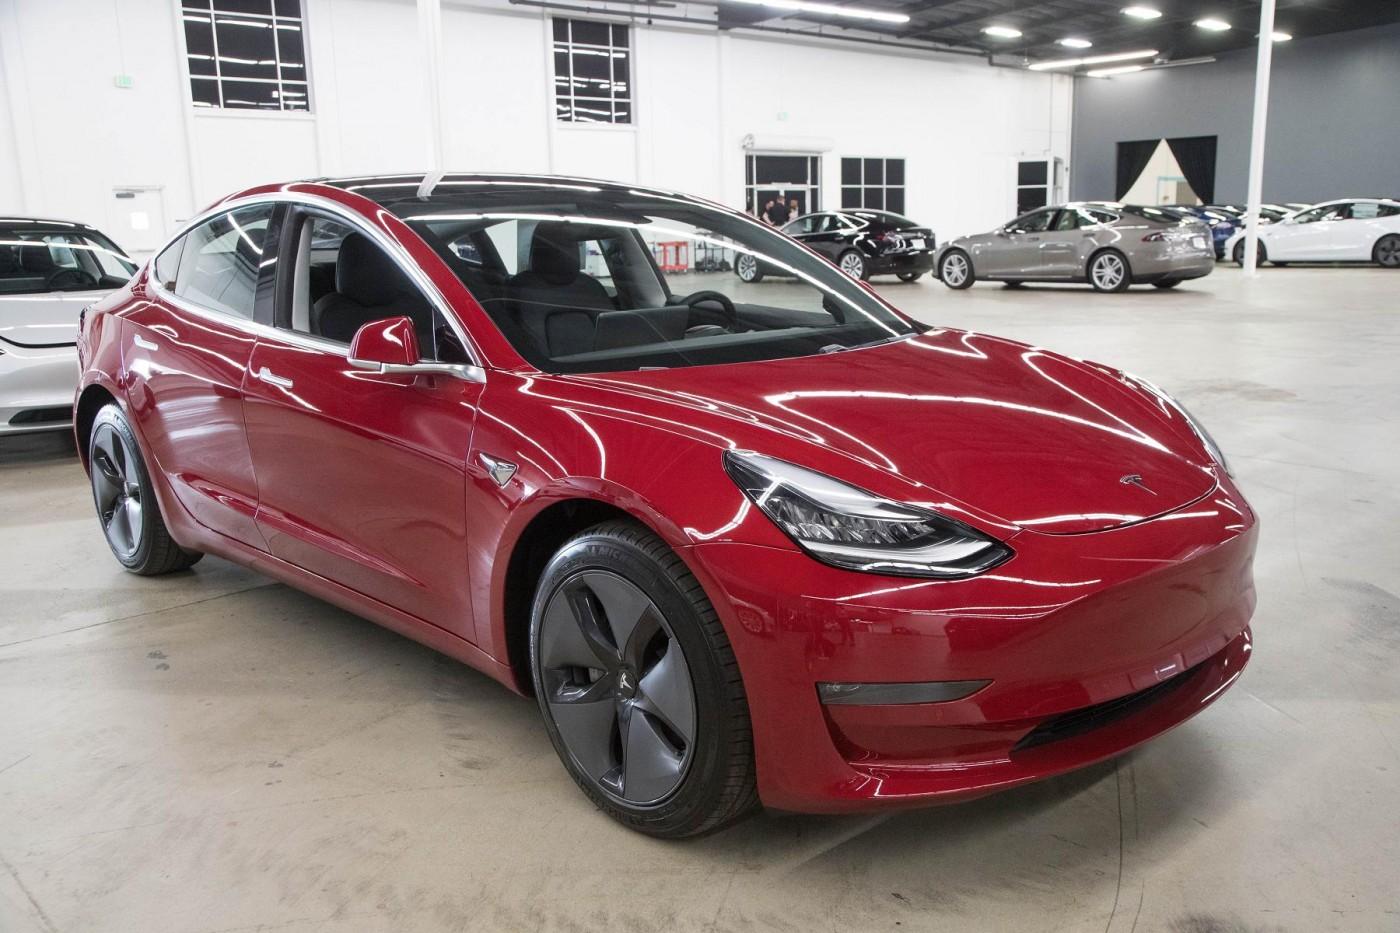 中國電動車慘了?特斯拉上海工廠將量產,Model 3預備大降價